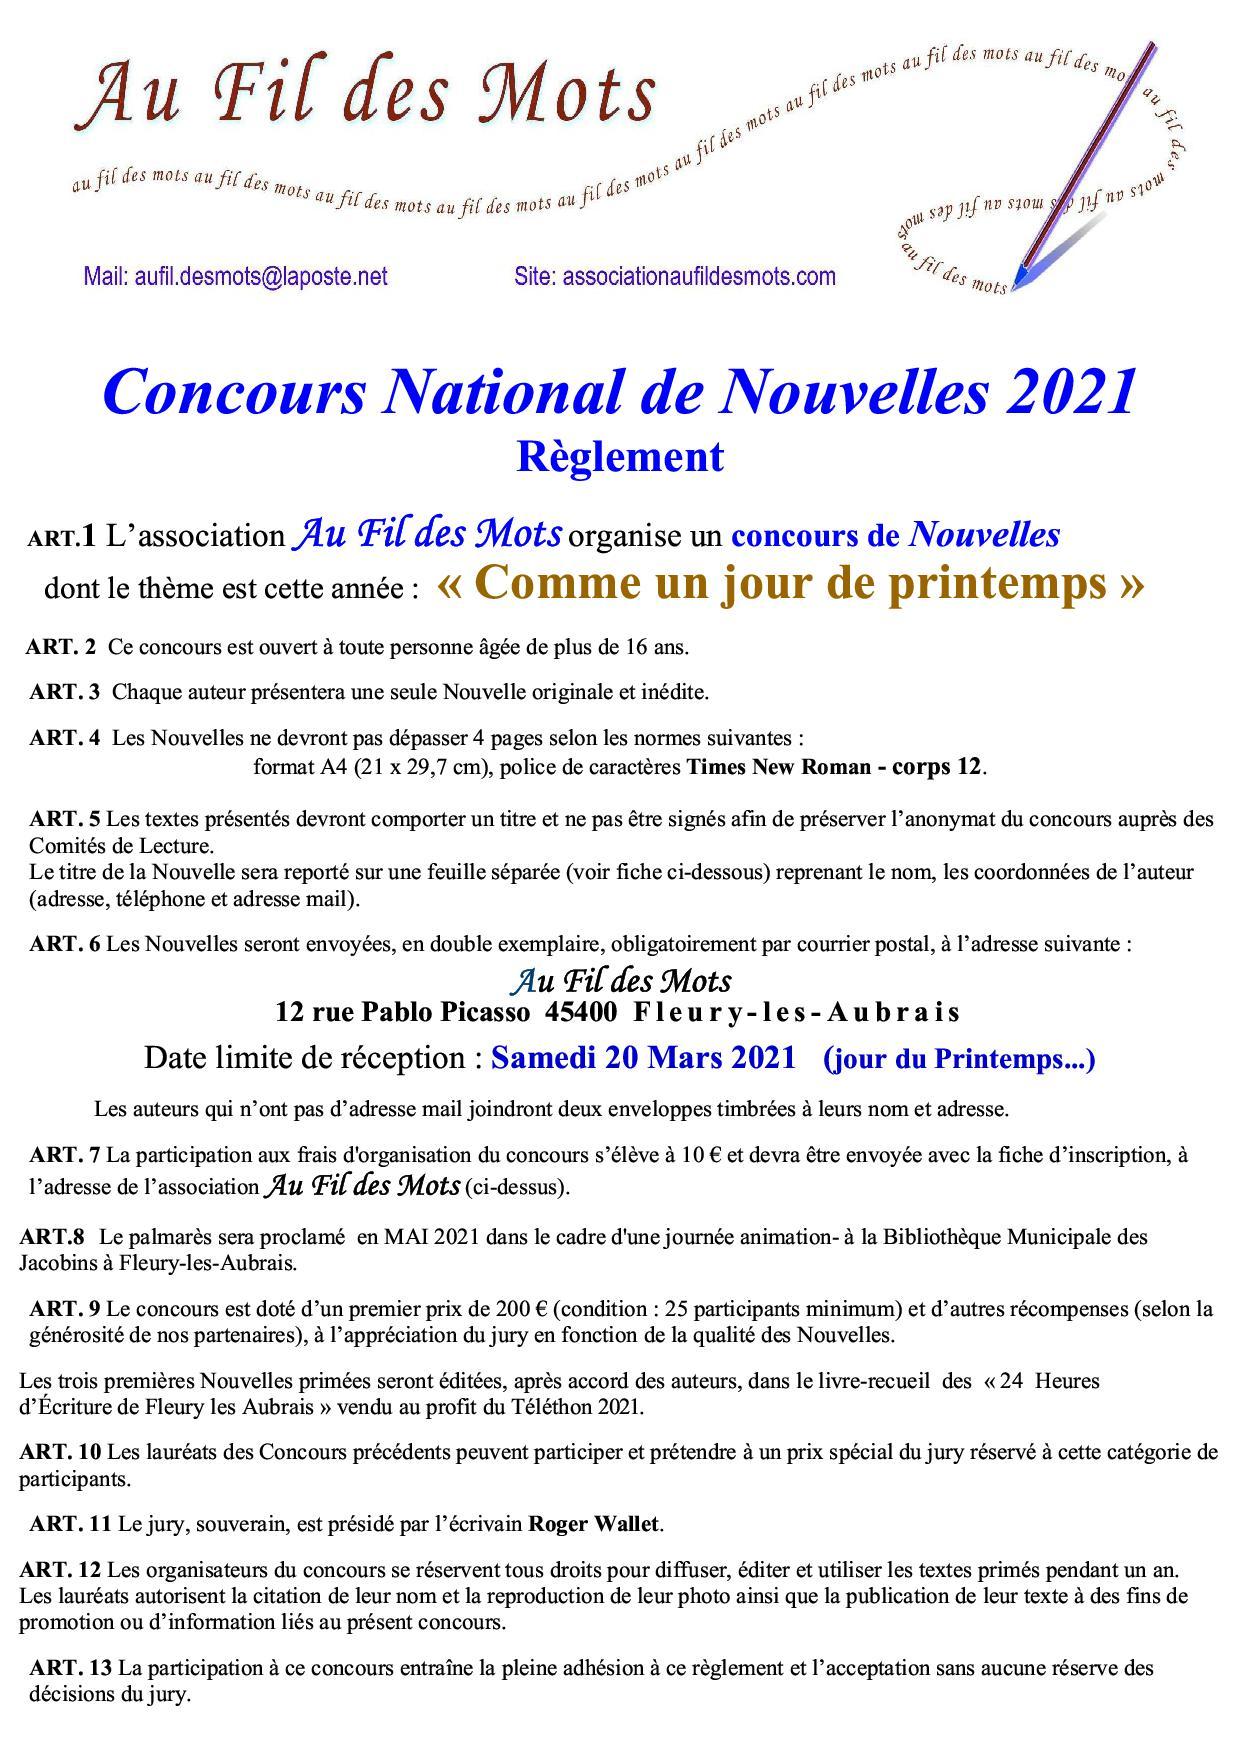 Réglement_Concours_20211.jpg